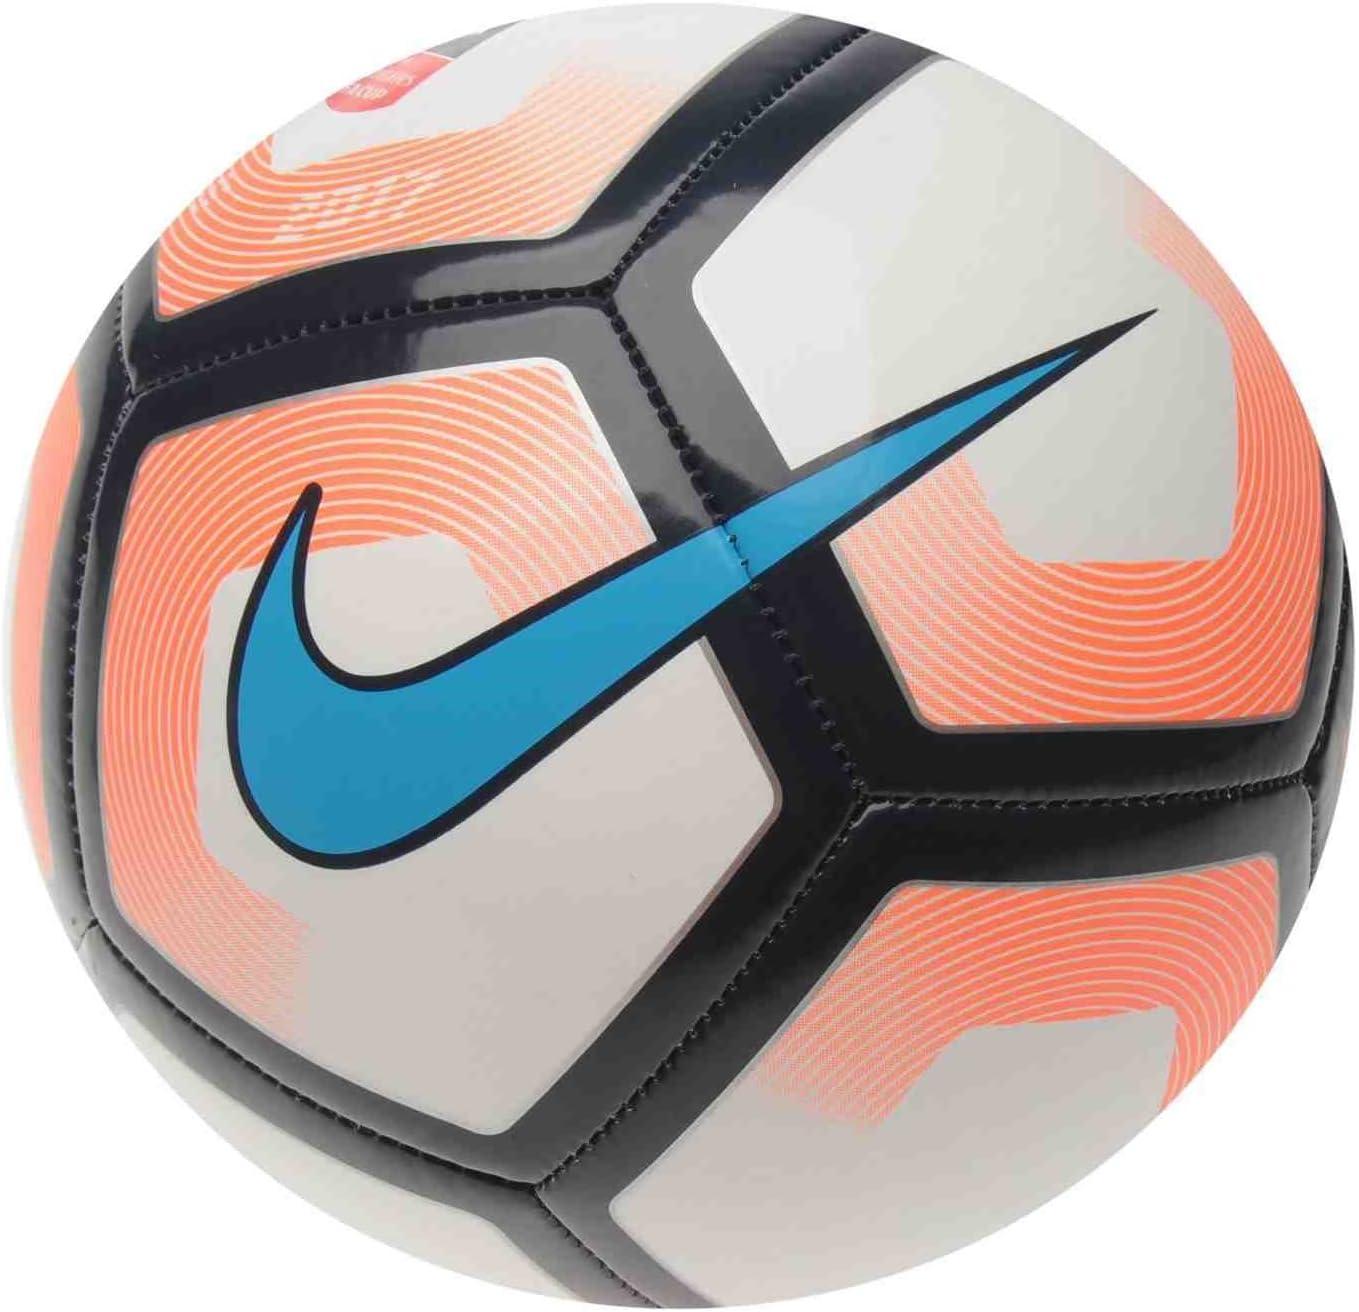 Nike 2016 – 2017 Pitch balones de fútbol tamaño 3 4 y 5, color FA ...